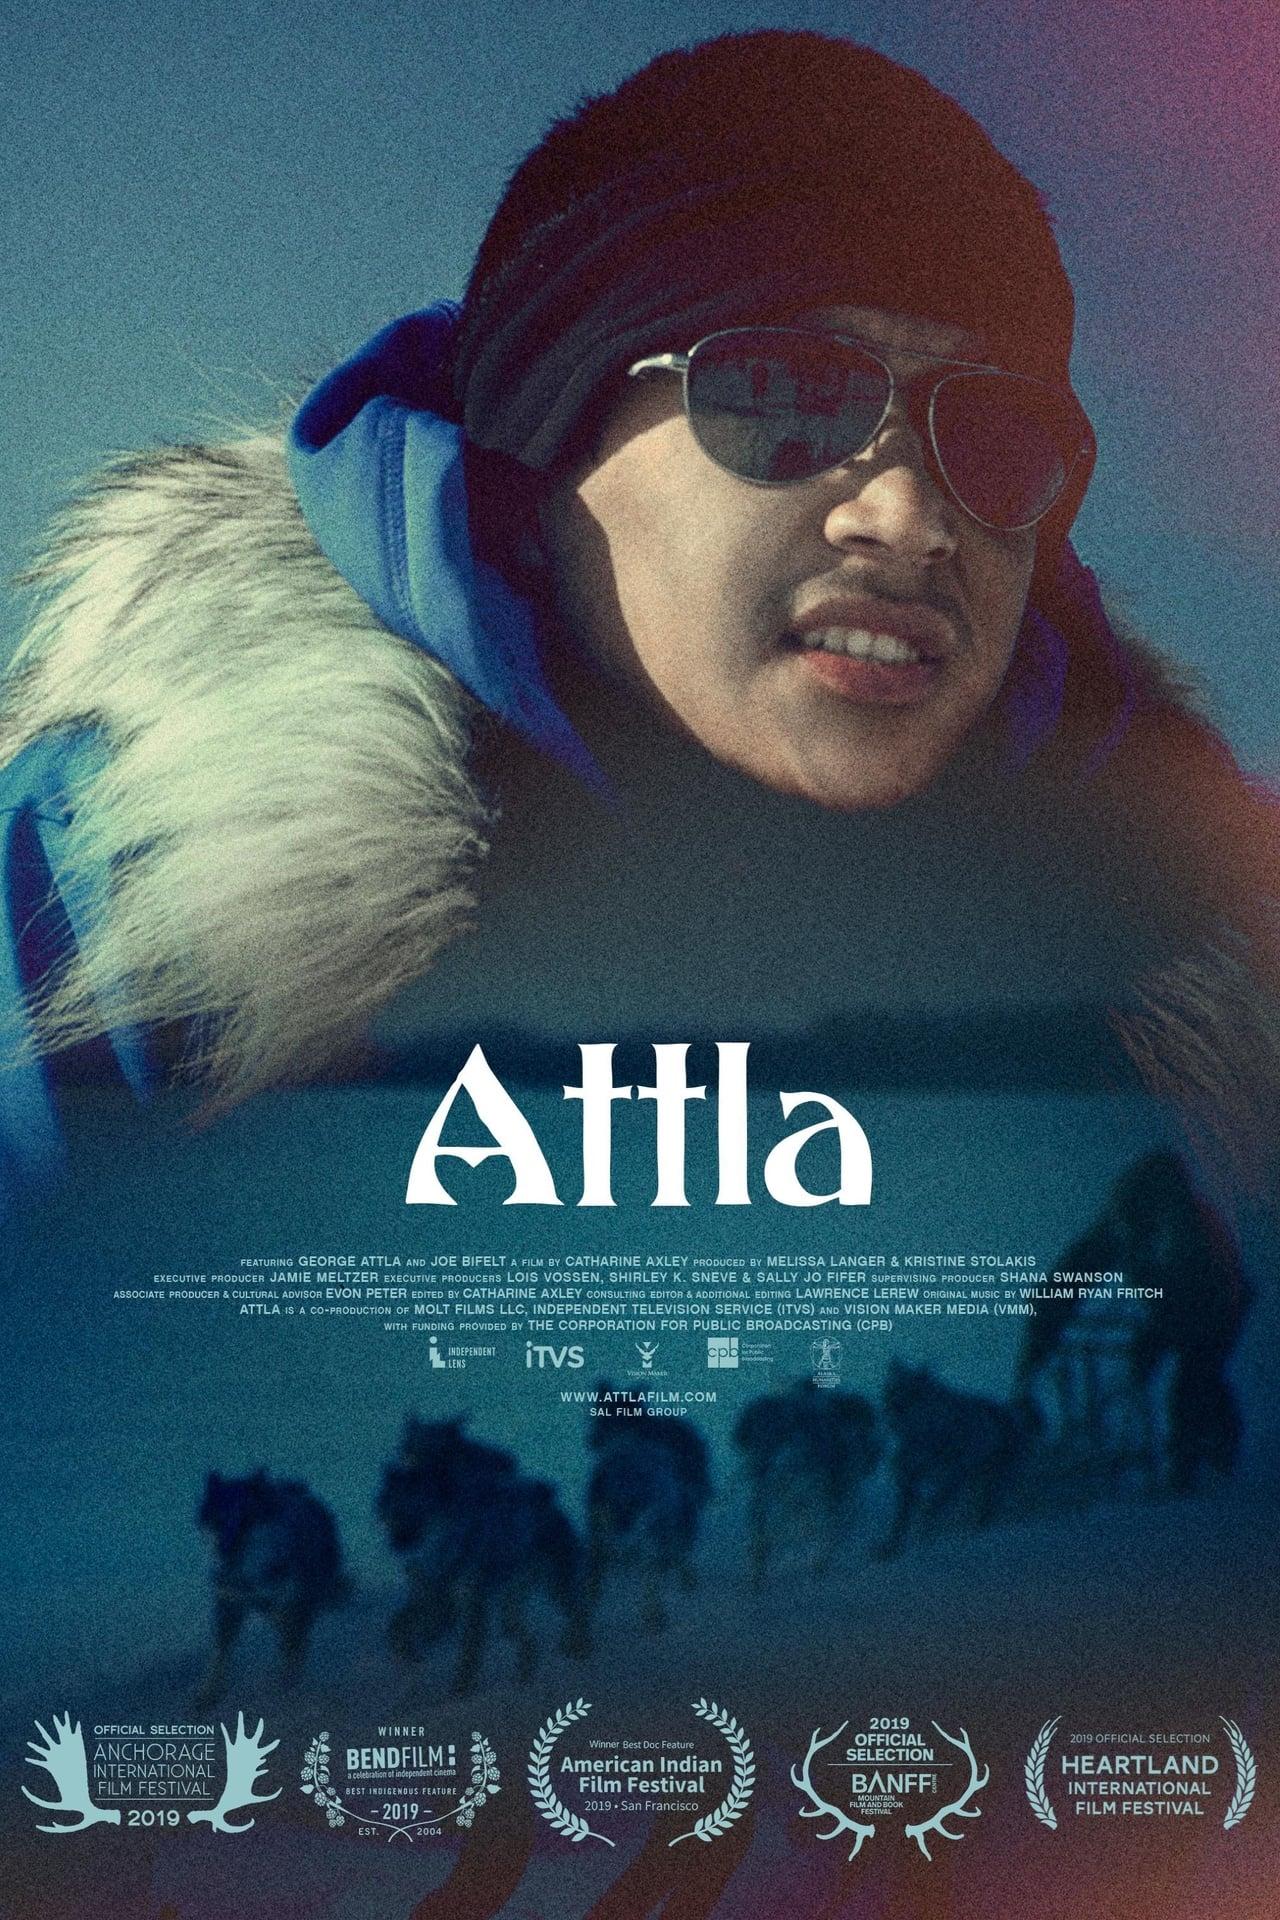 ATTLA (2019)